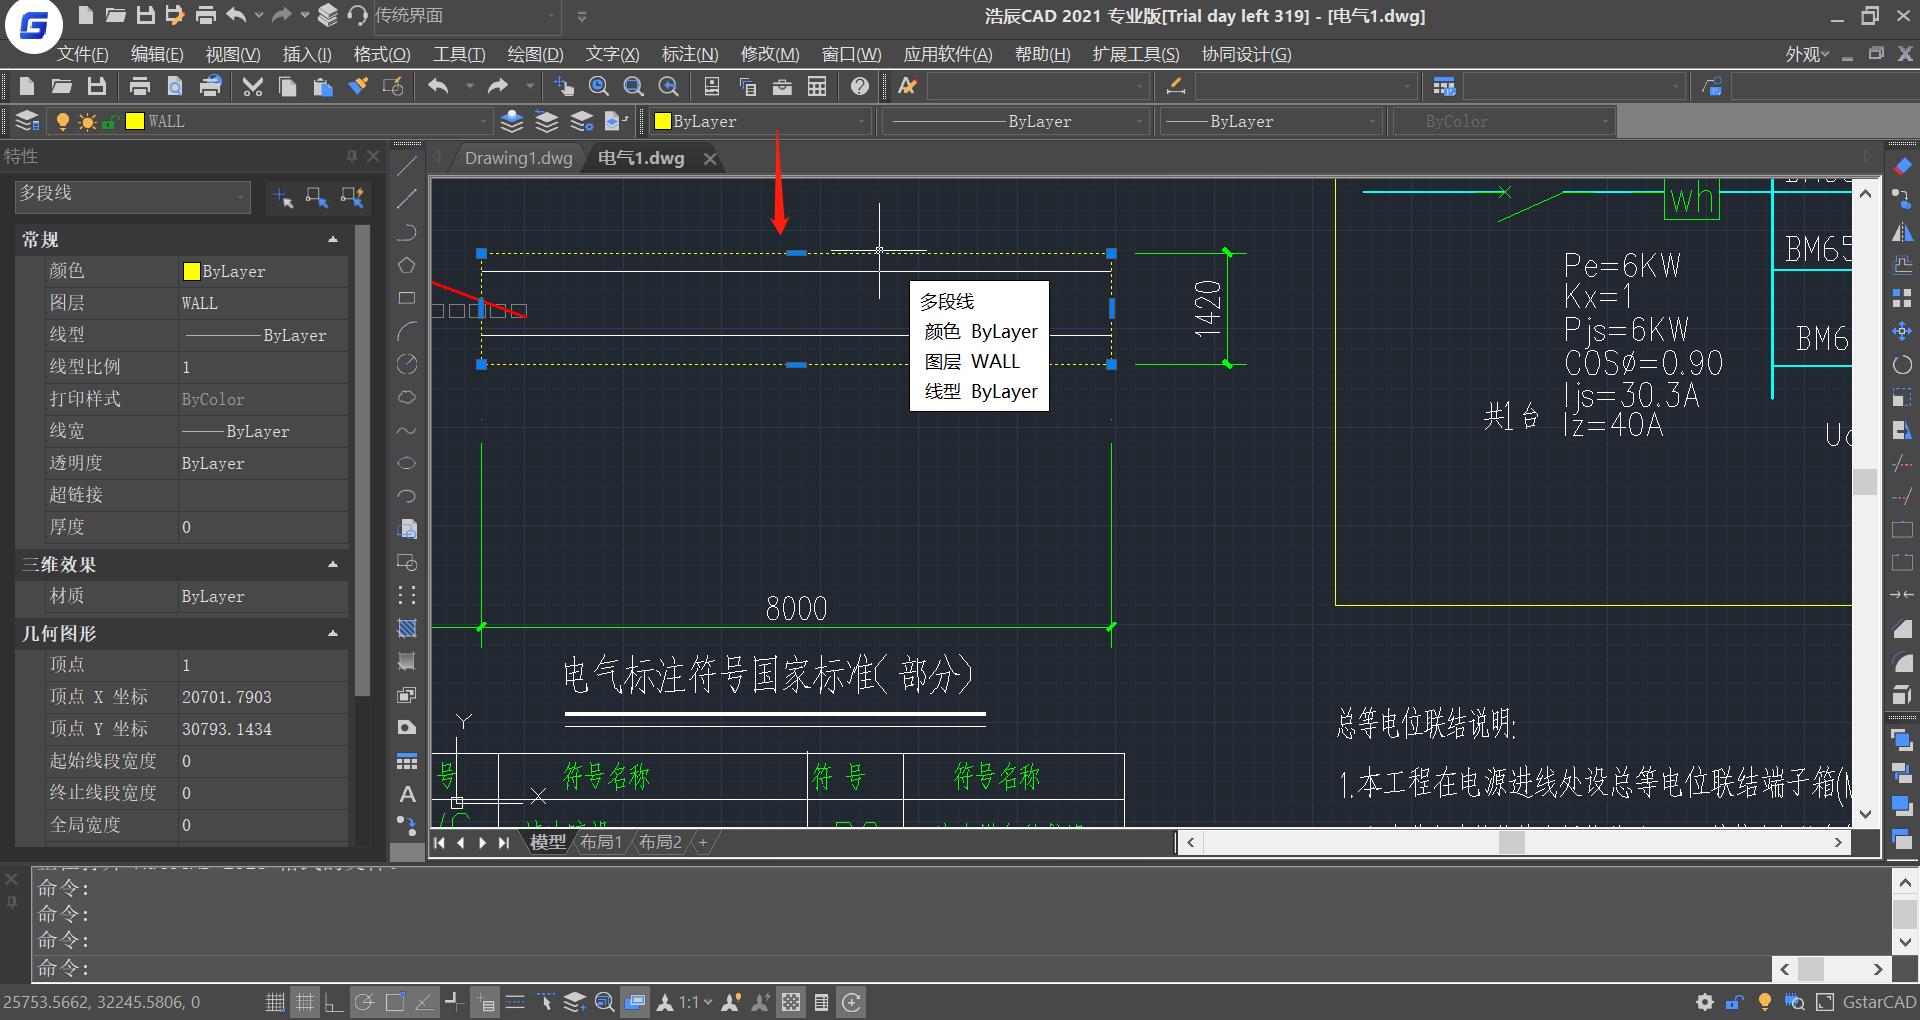 CAD格式刷怎么用?CAD格式刷使用技巧